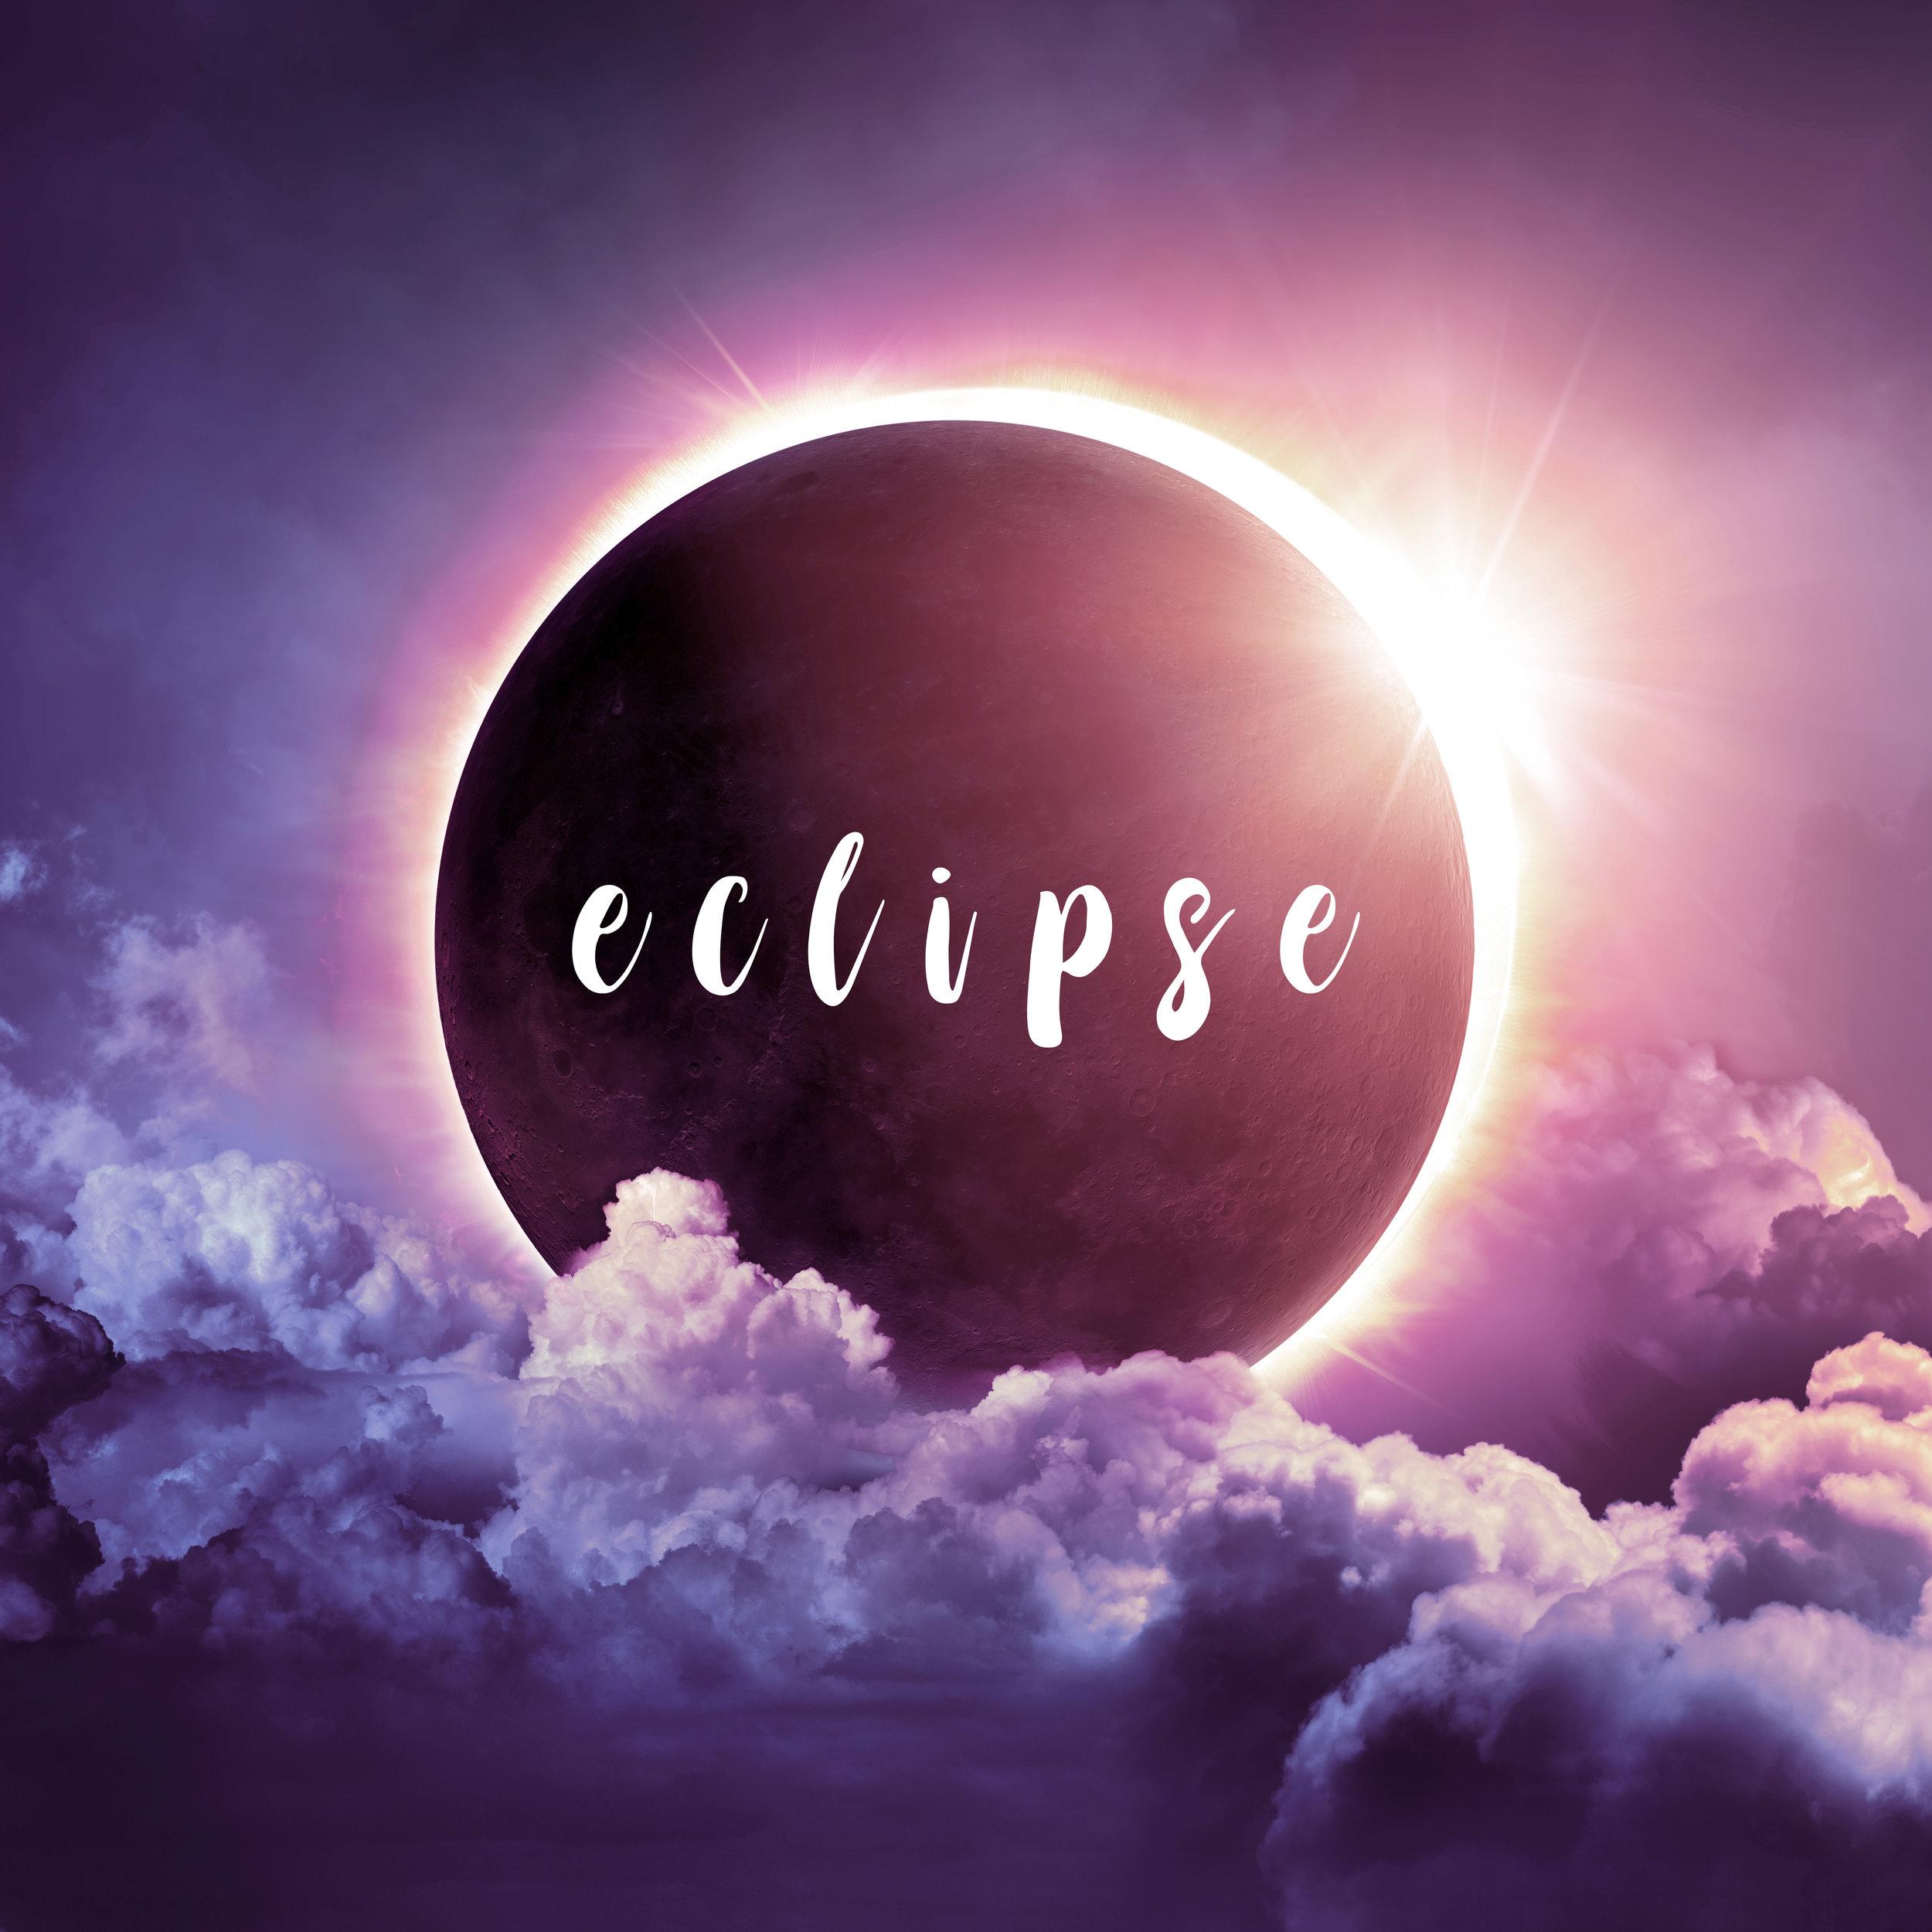 Eclipse Album Artwork.jpg